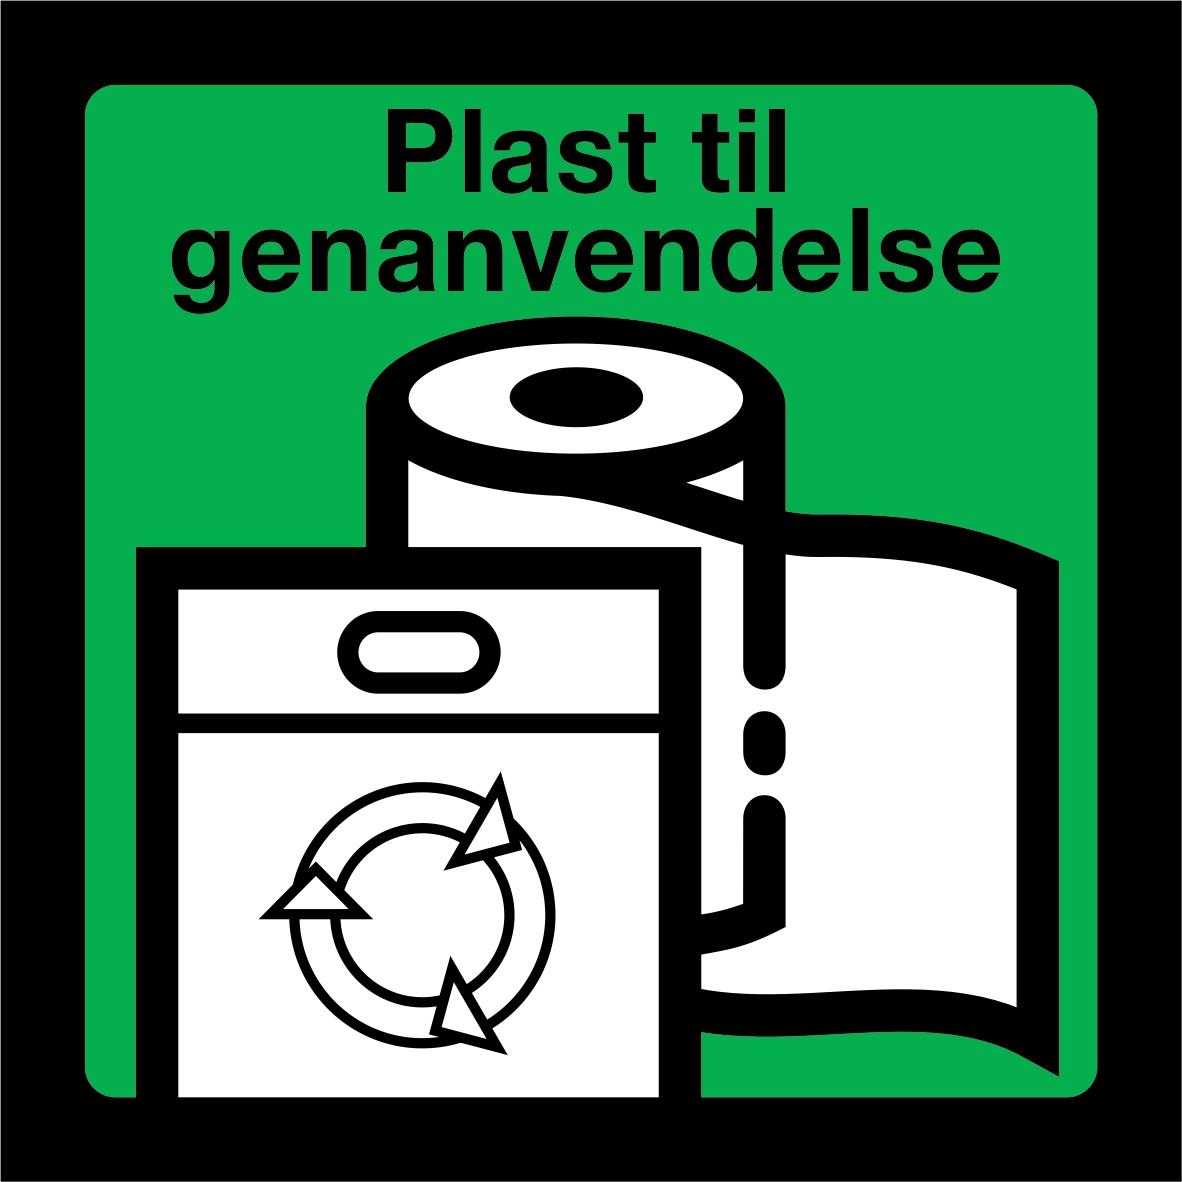 Plast til genanvendelse